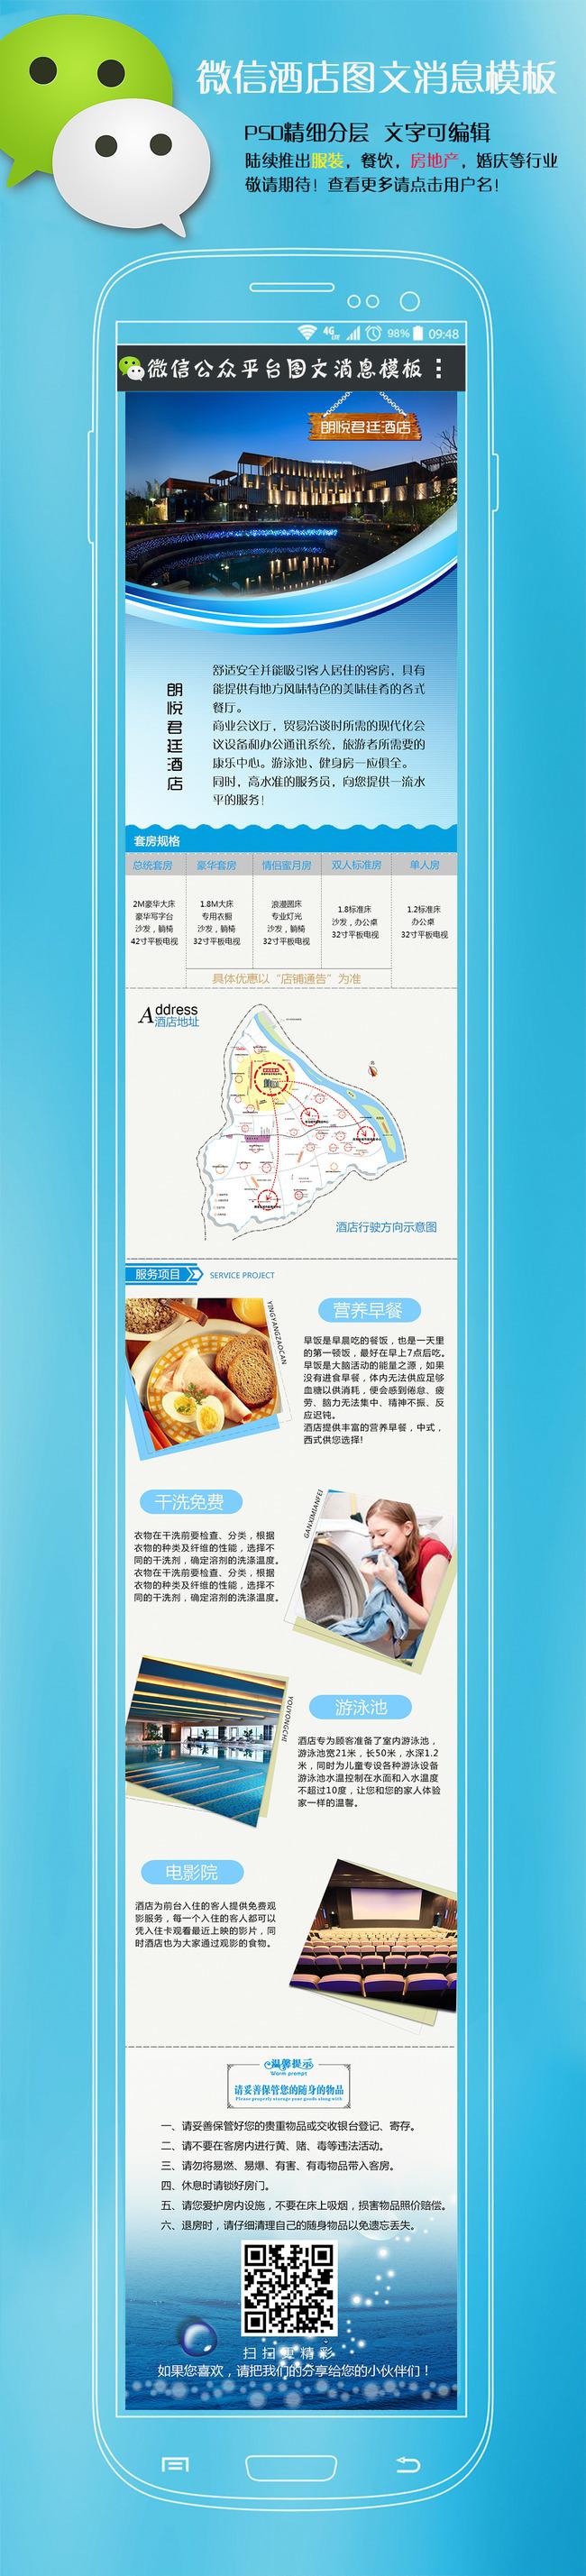 微信图文消息酒店模板设计